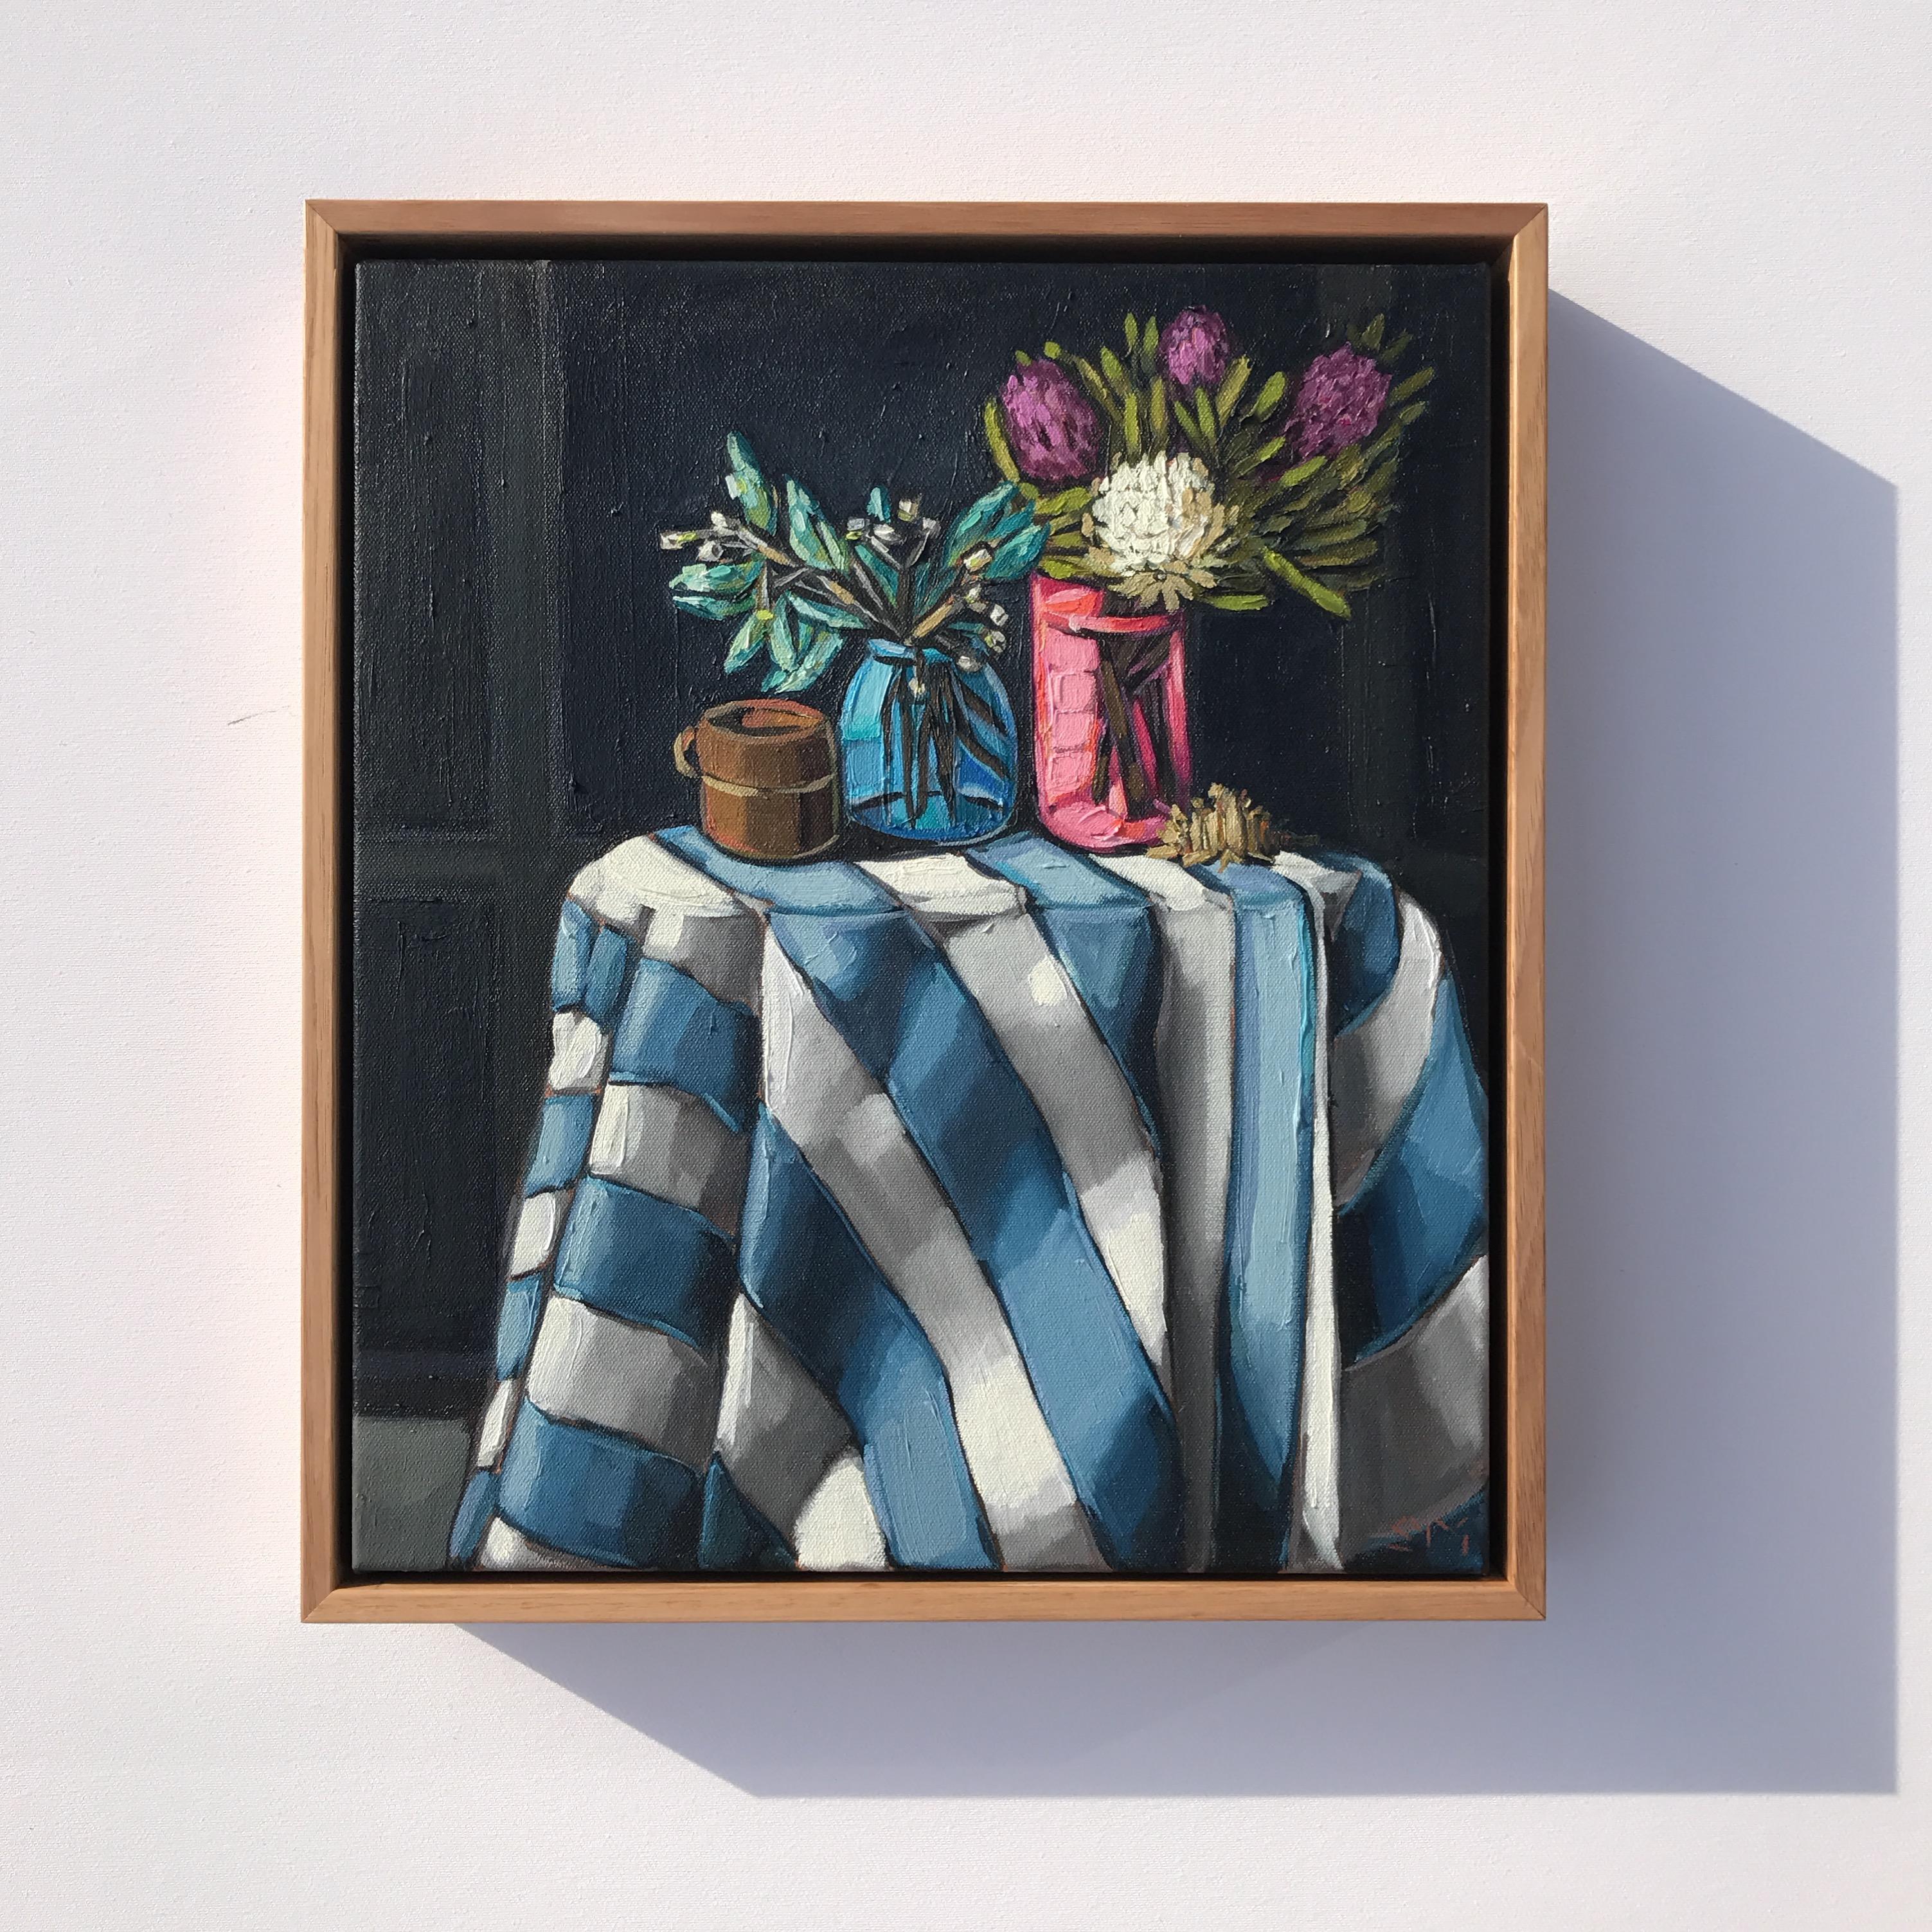 07_17 'Blues & Blossoms; 41x36cm $795